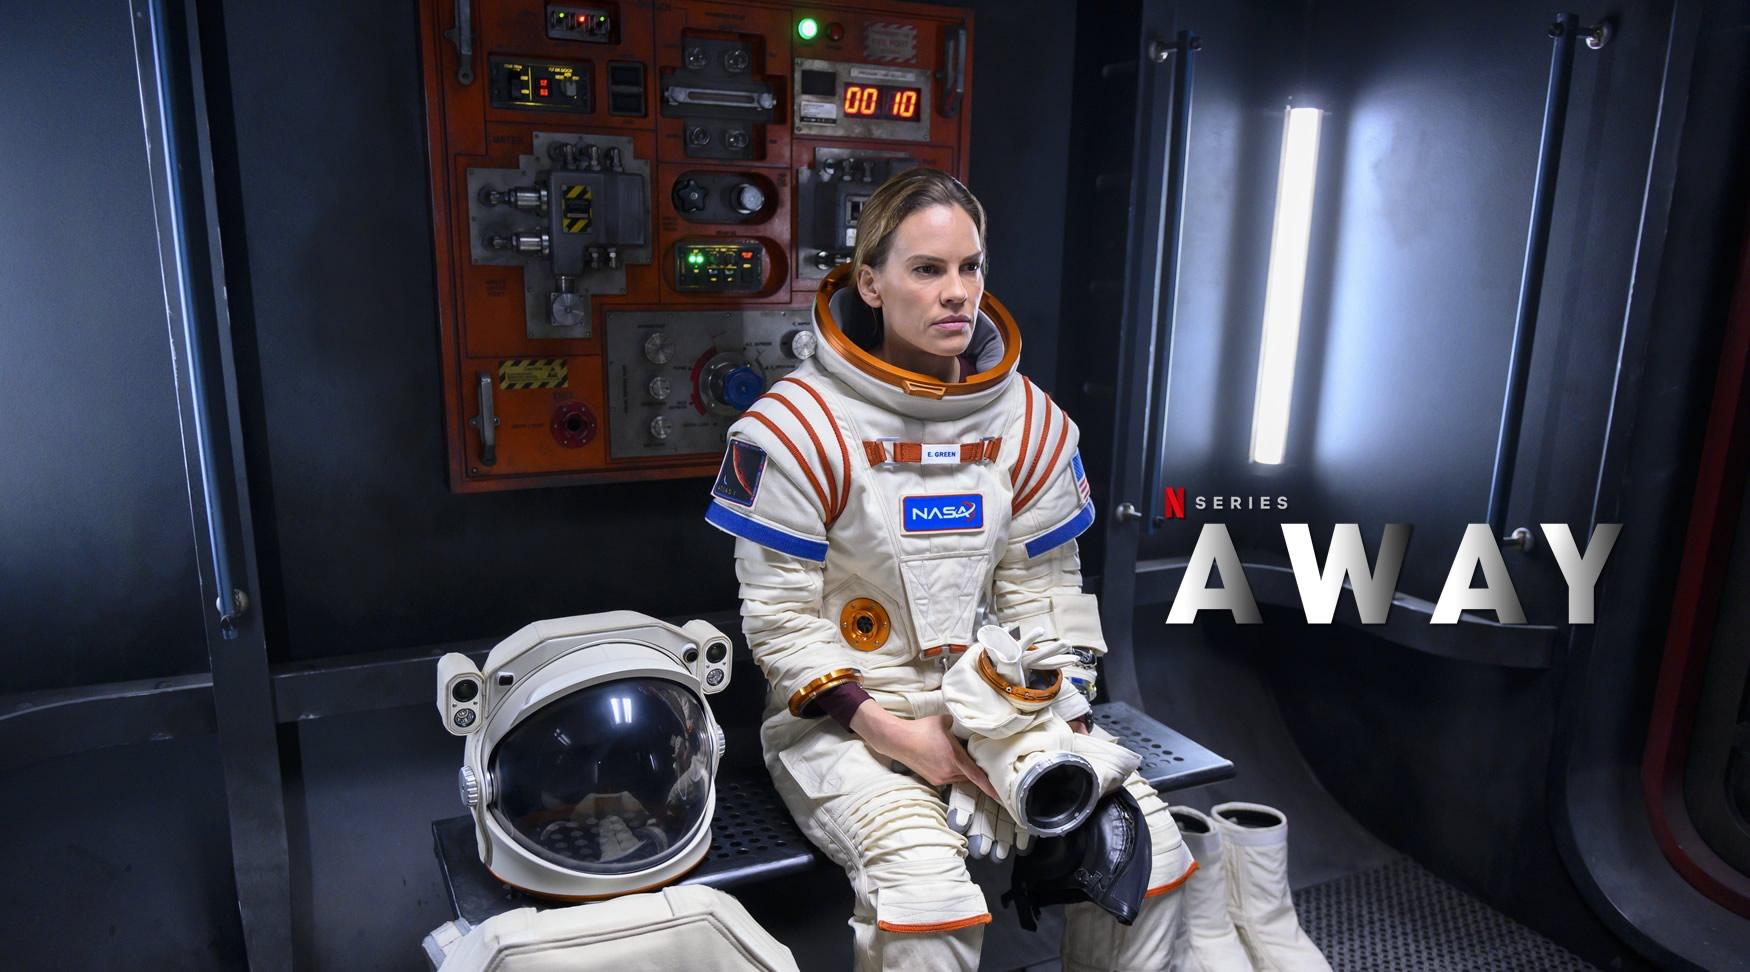 AWAY | Netflix cancela segunda temporada da série sobre missão à Marte com Hilary Swank